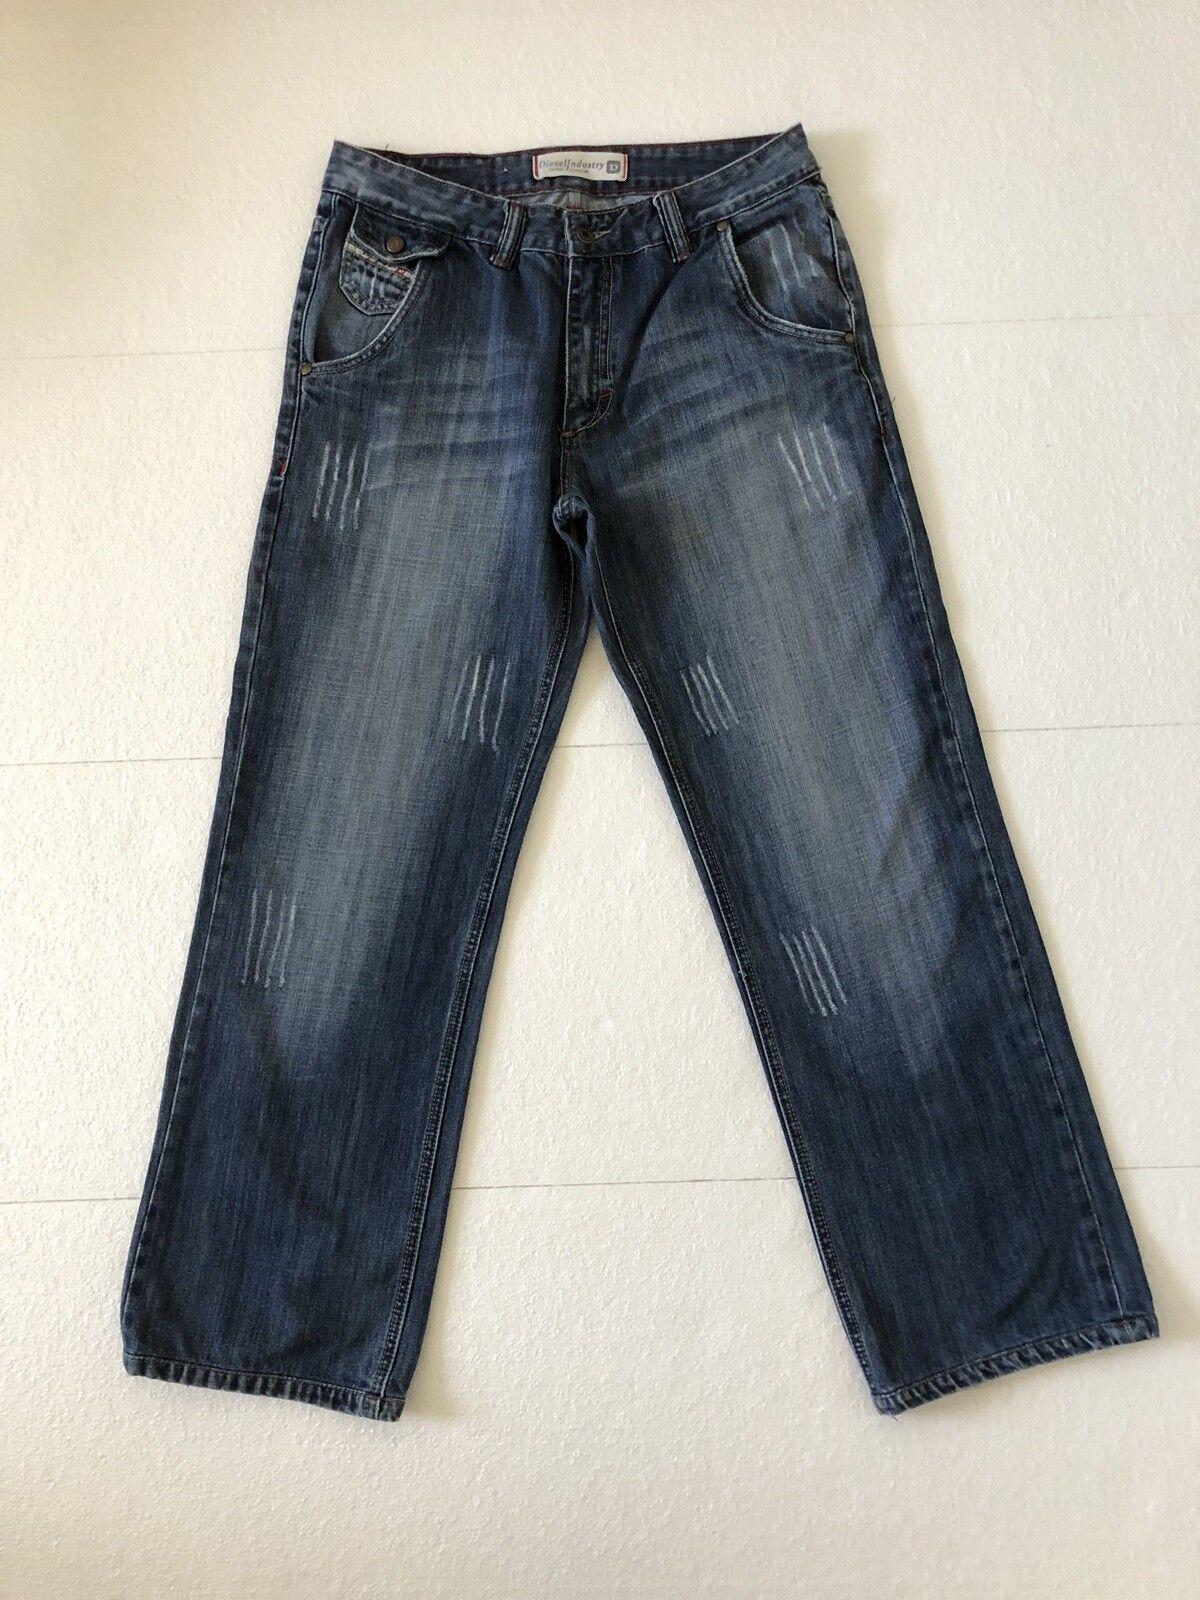 Diesel Industry Kratt Men's Jeans, 36 X 31